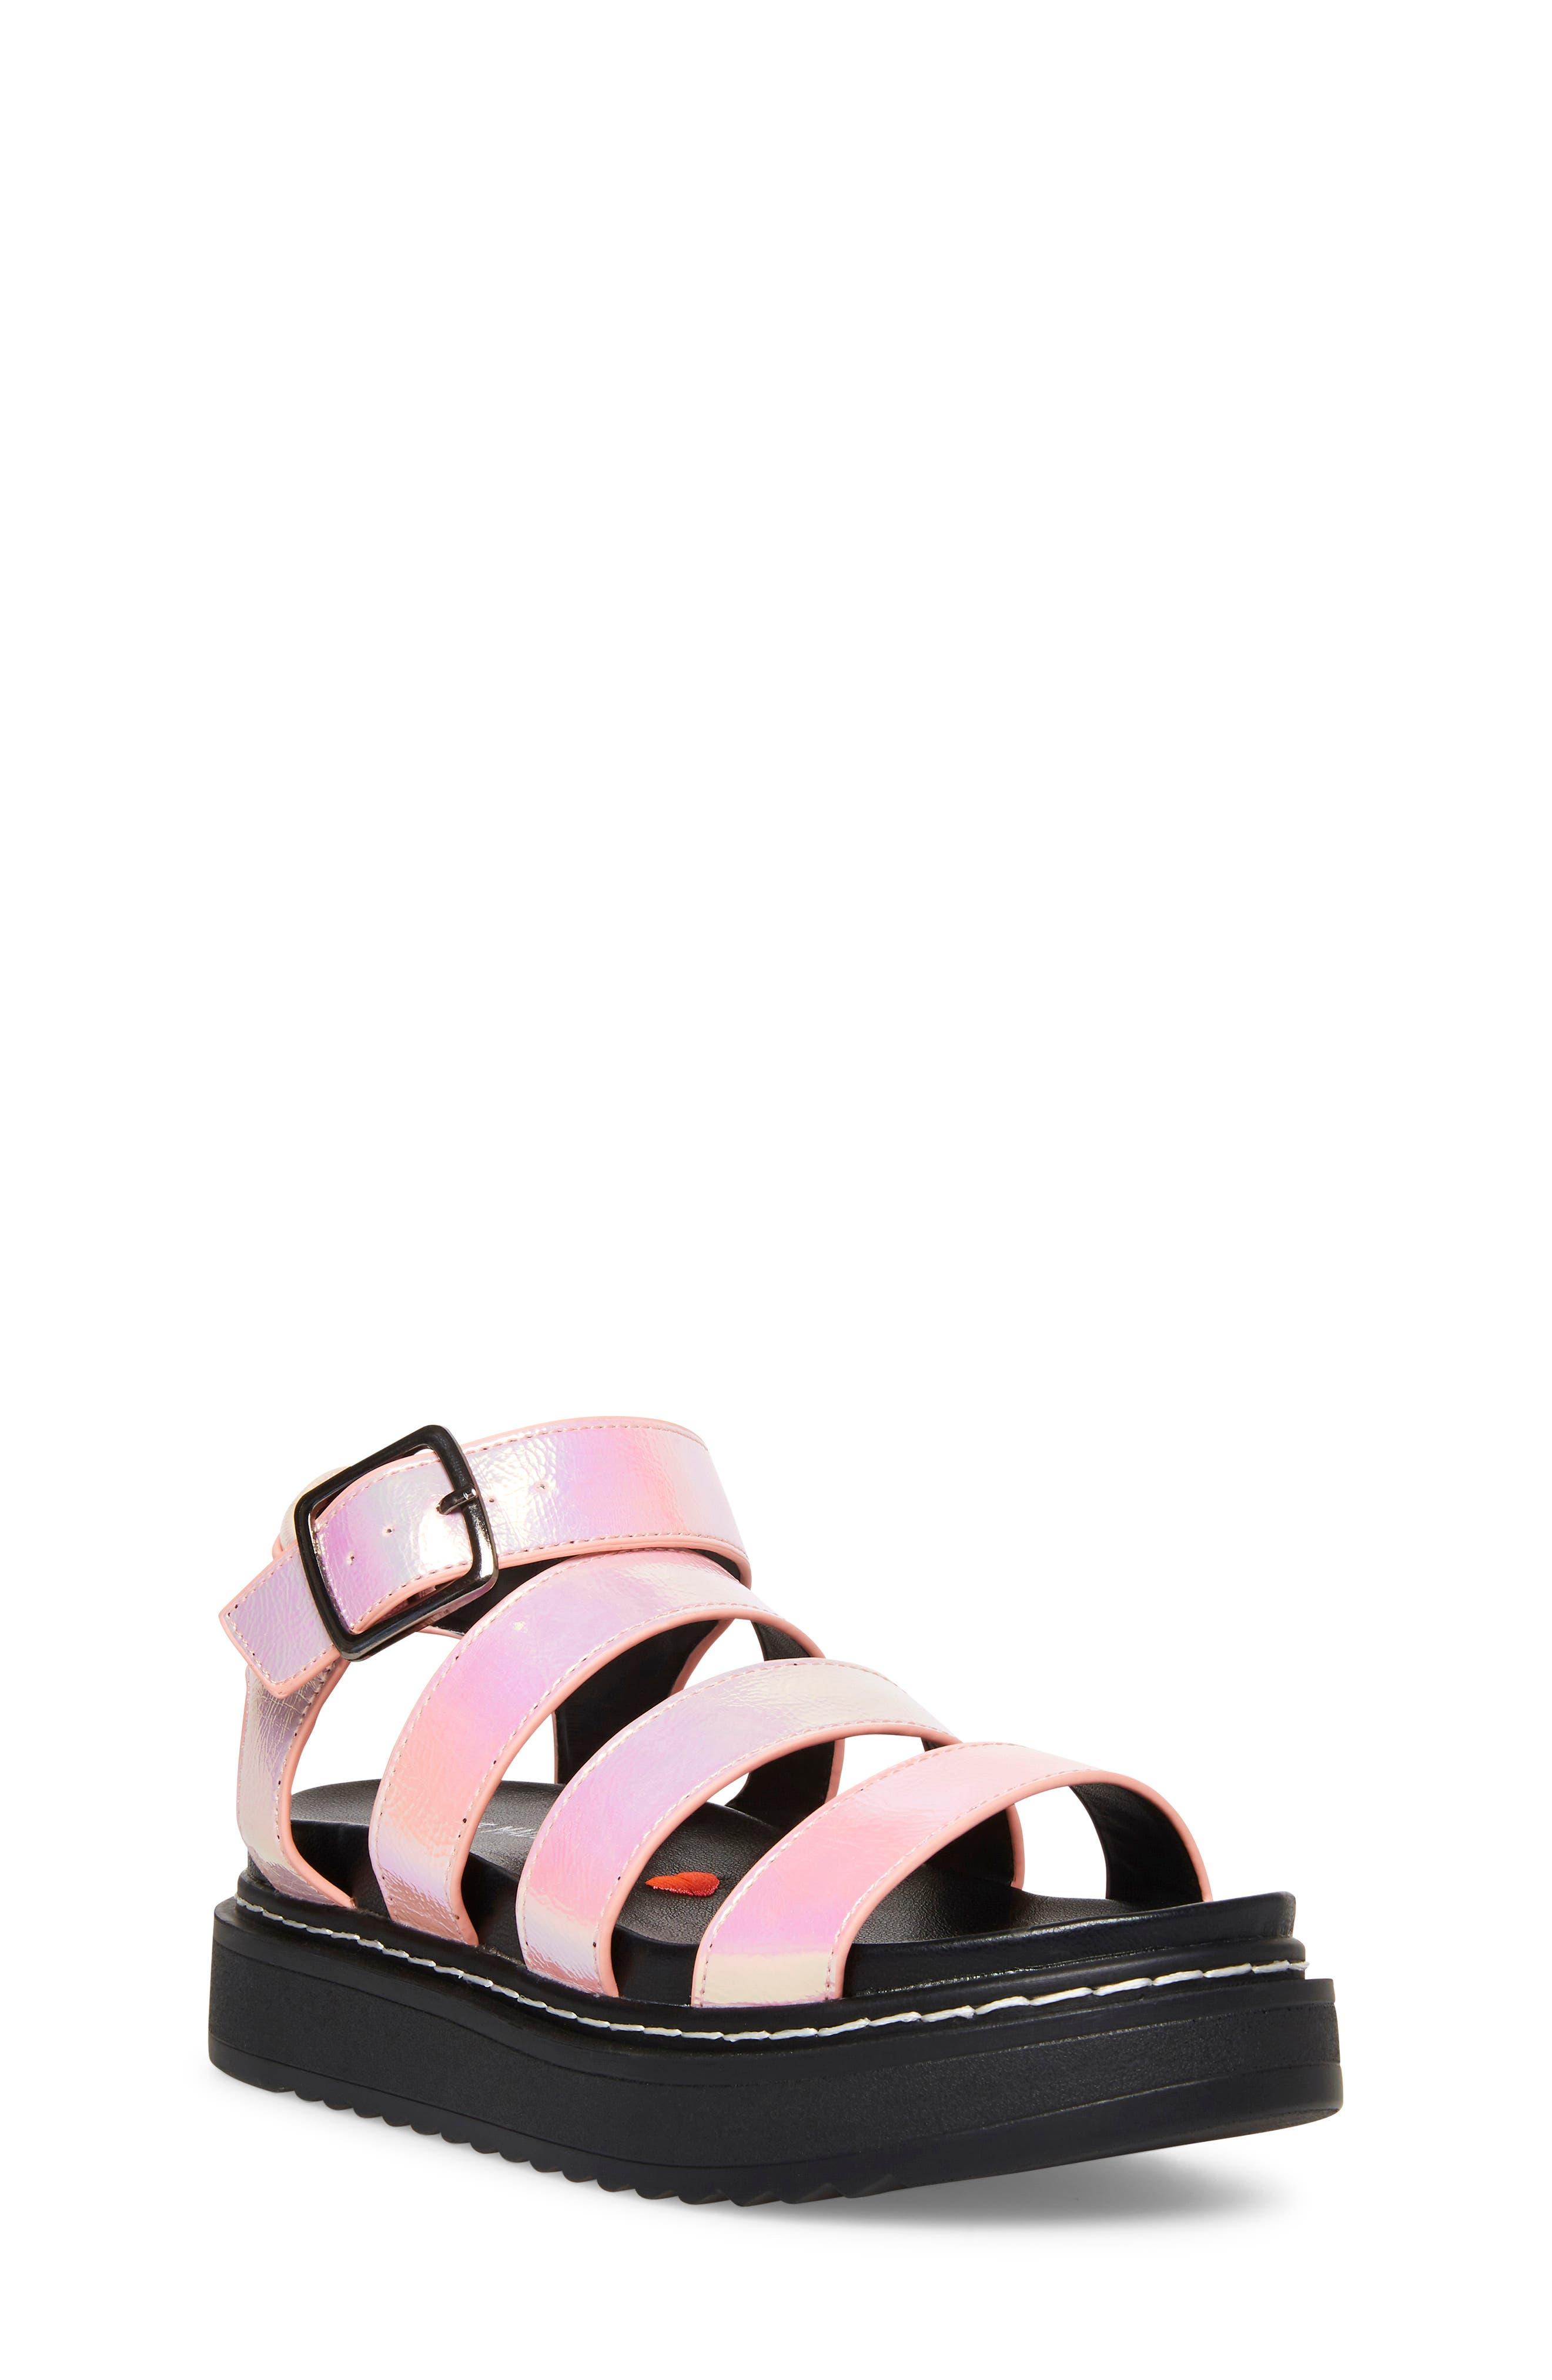 Steve Madden Kids' Jcandy Platform Sandal In Iridescent